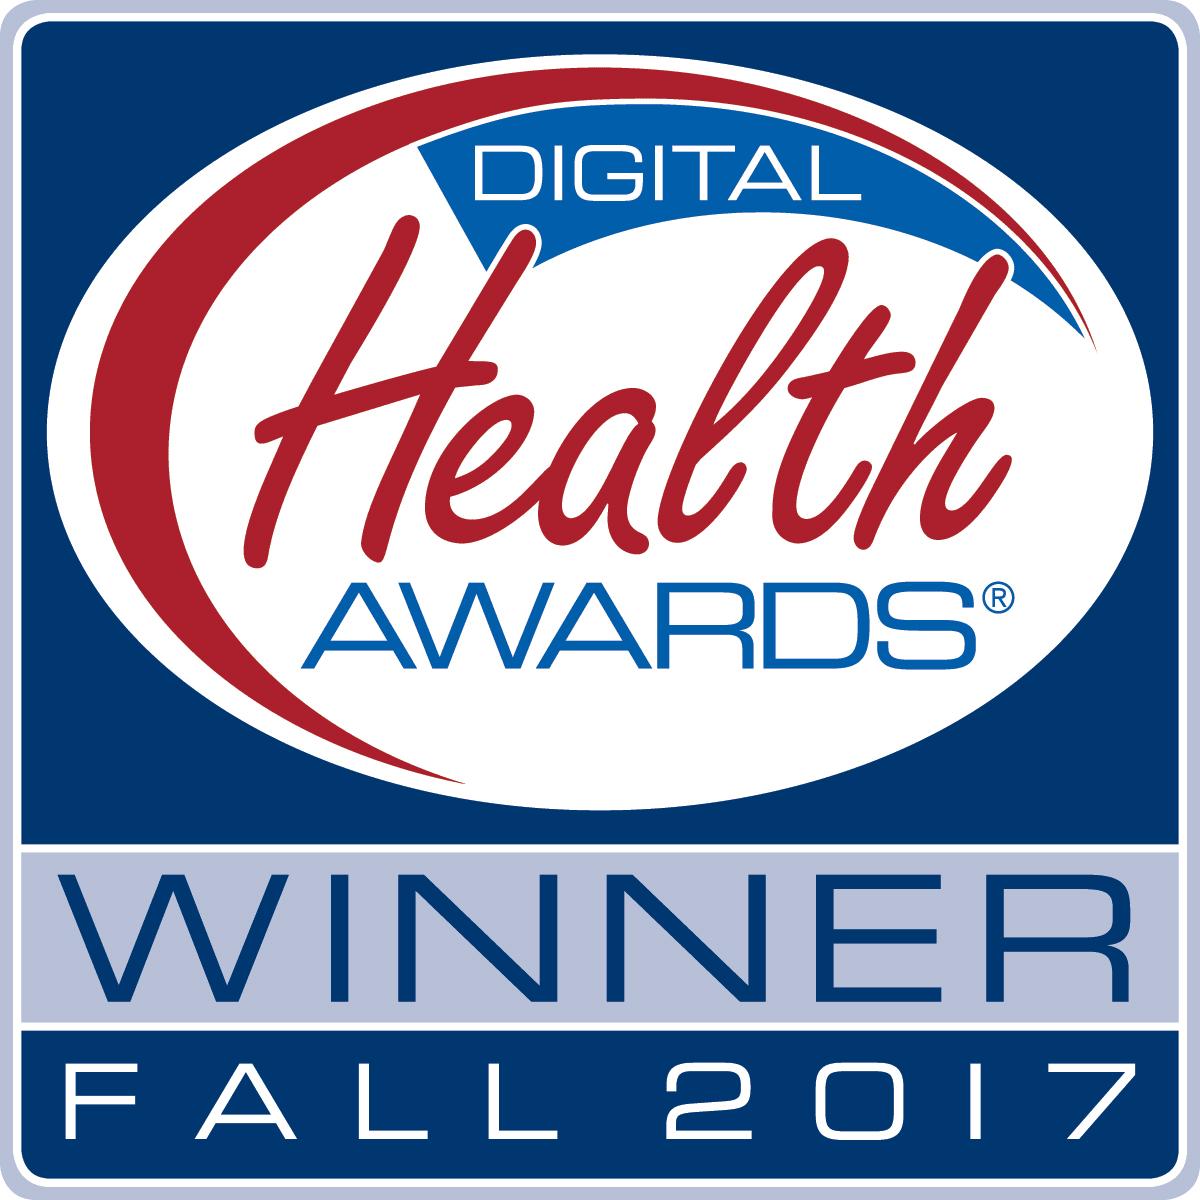 Digital Health Awards Winner Fall 2017